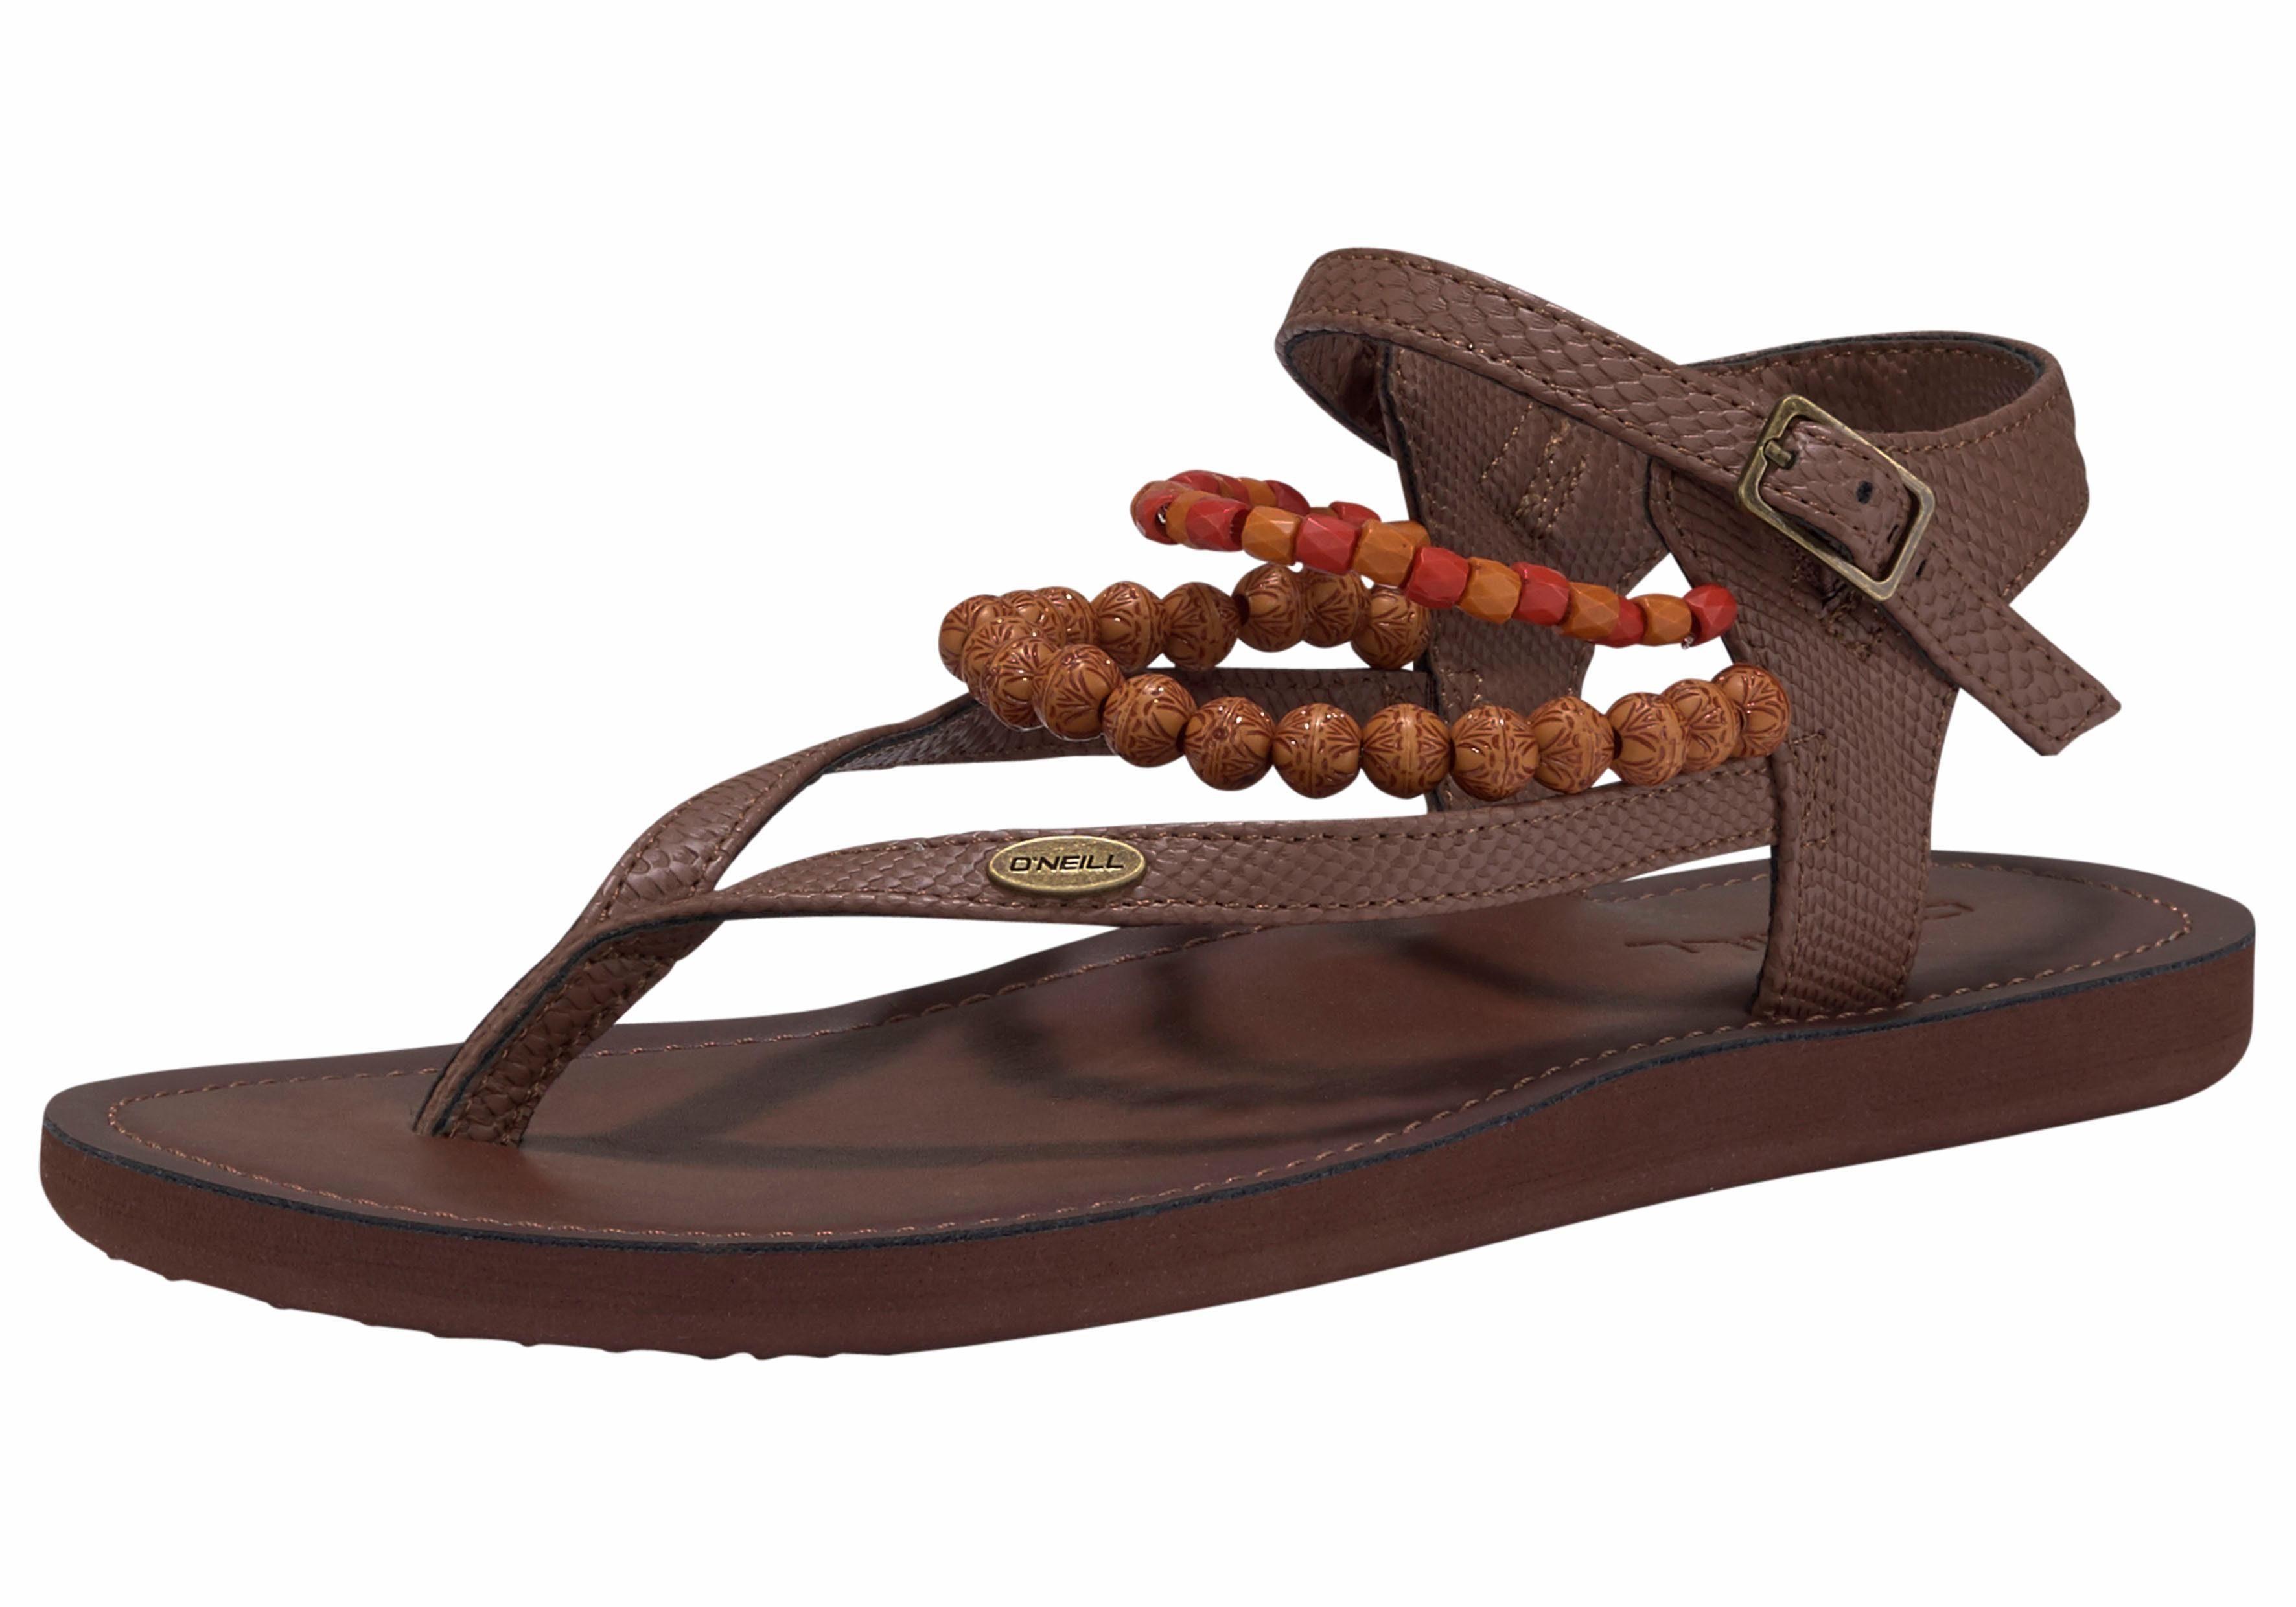 Erhalten Authentisch Zu Verkaufen Oneill Batida Sandal Damen-Sandalen Deep Taupe 38 Billig Verkauf Bestes Geschäft Zu Bekommen Billig Verkauf Beliebt 2018 Online RikDSk3